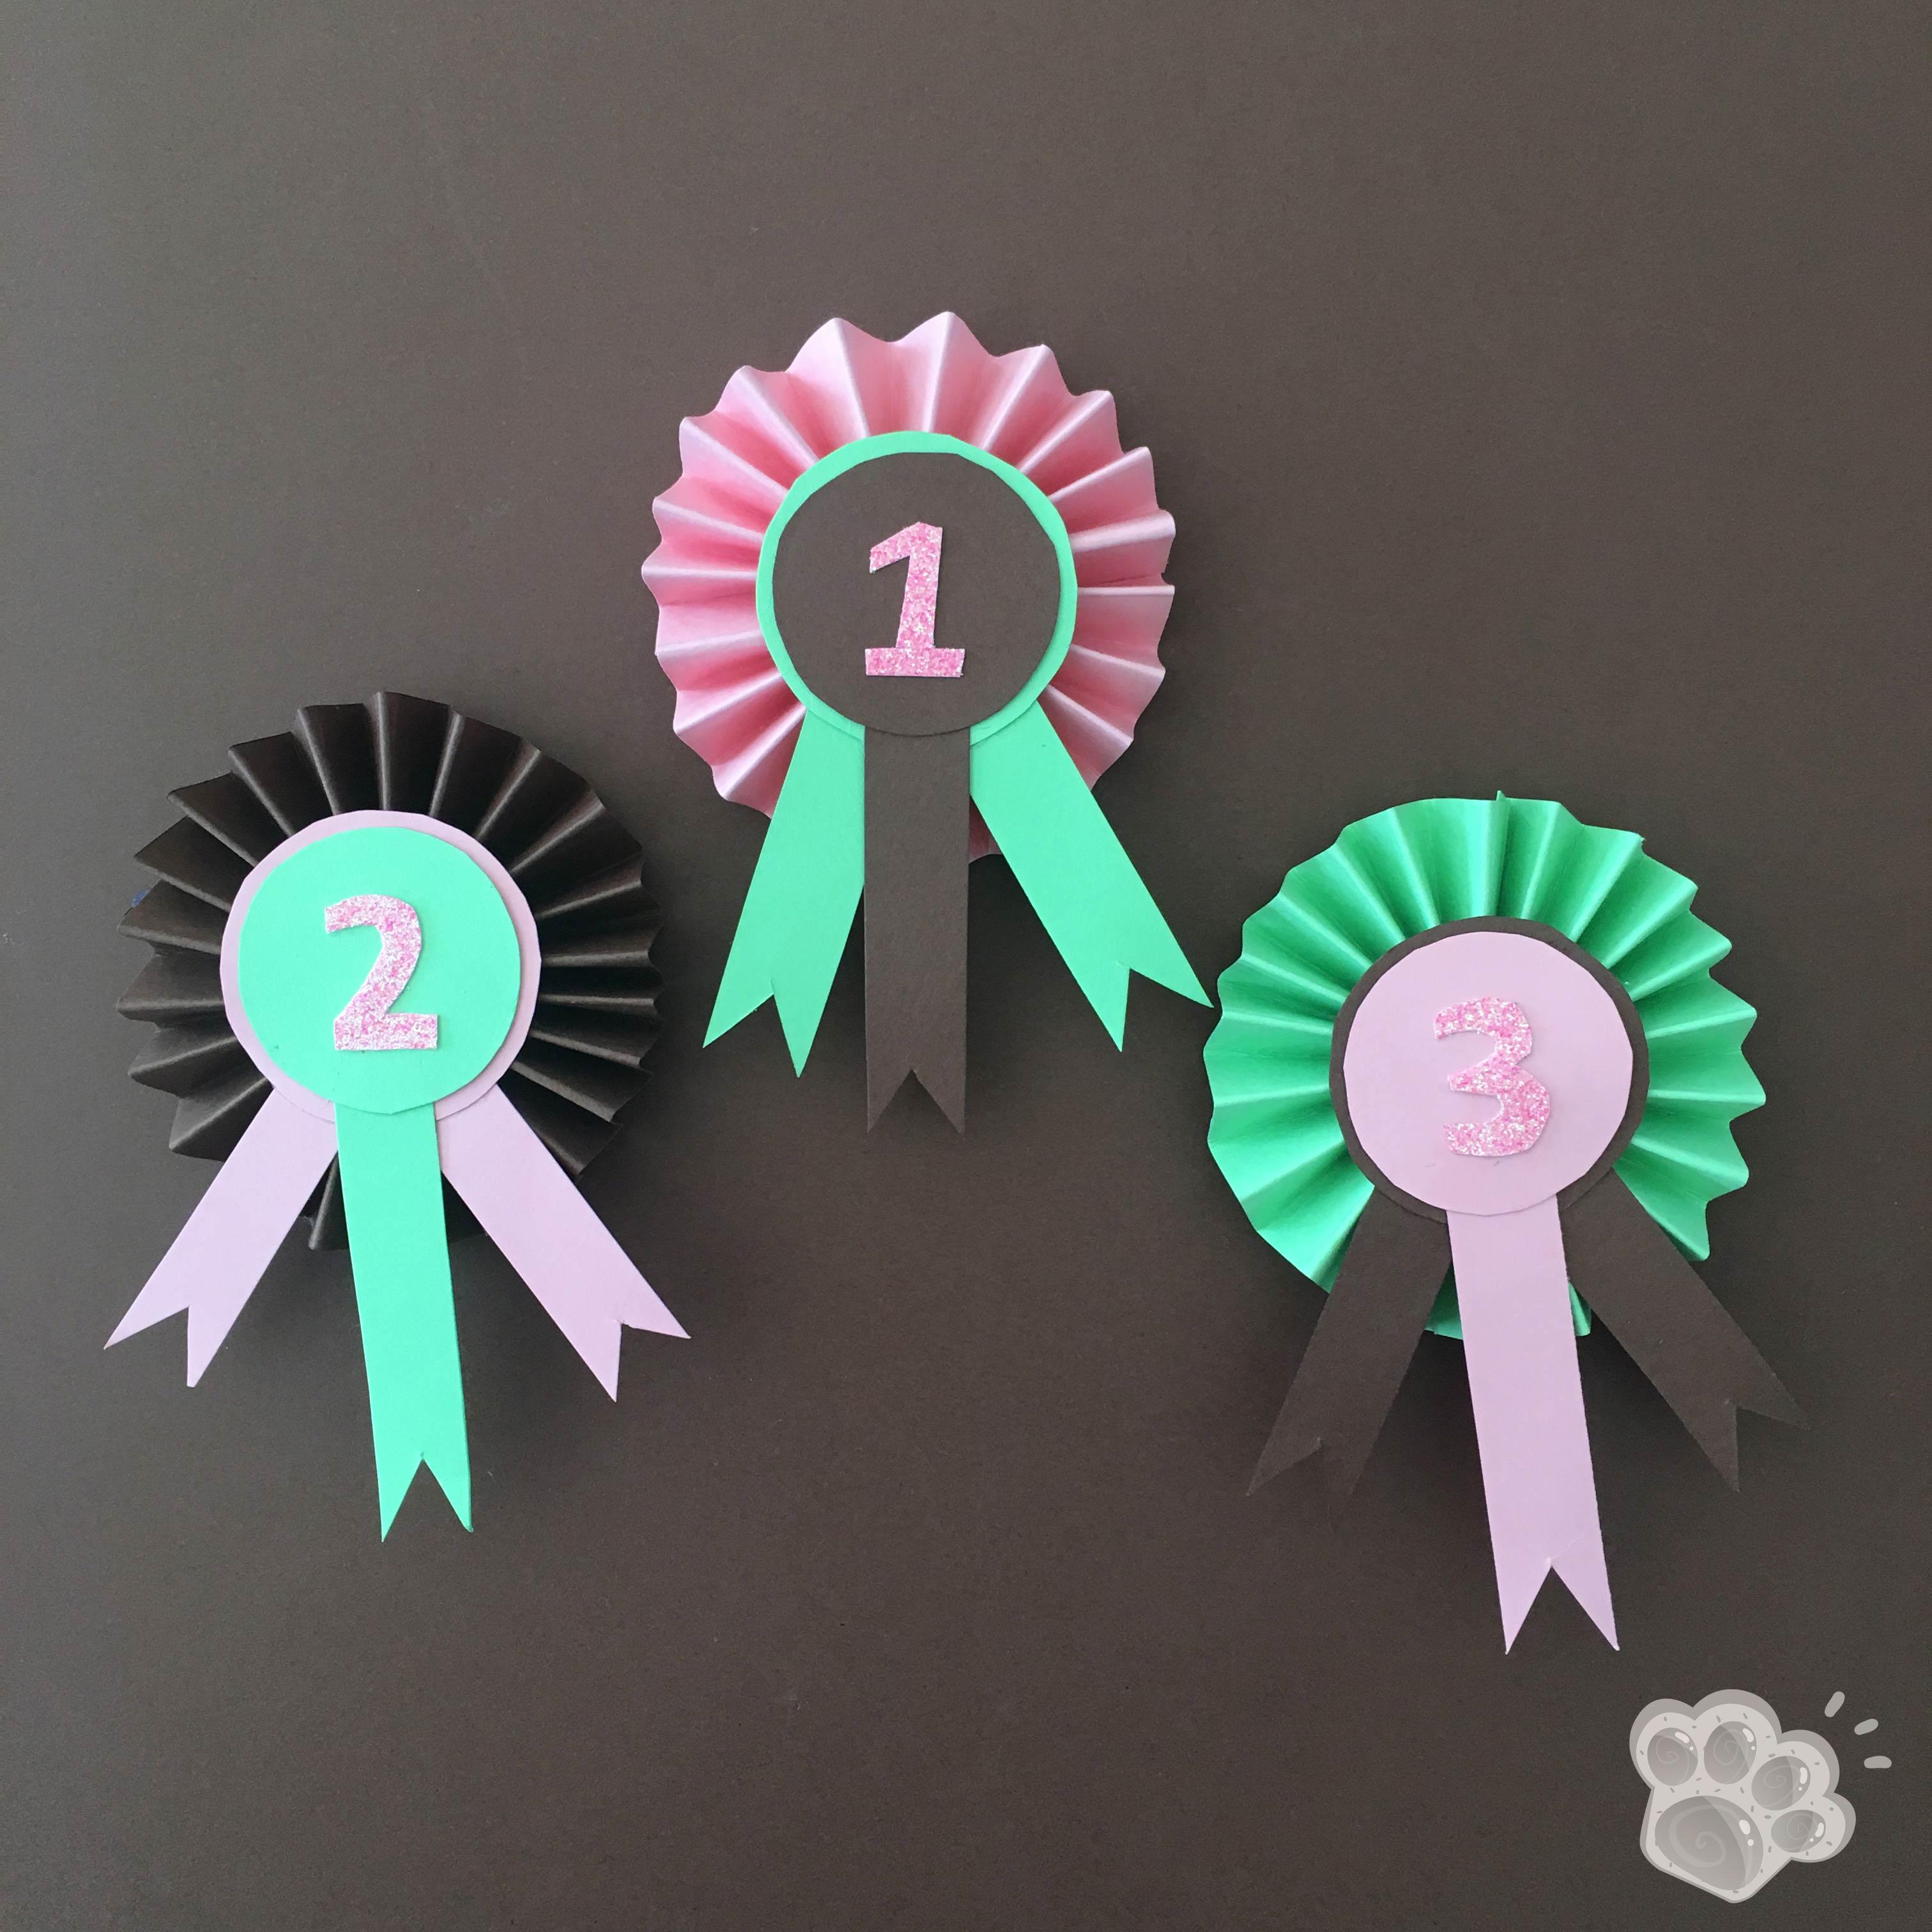 concours de sauts d'obstacles anniversaire poney